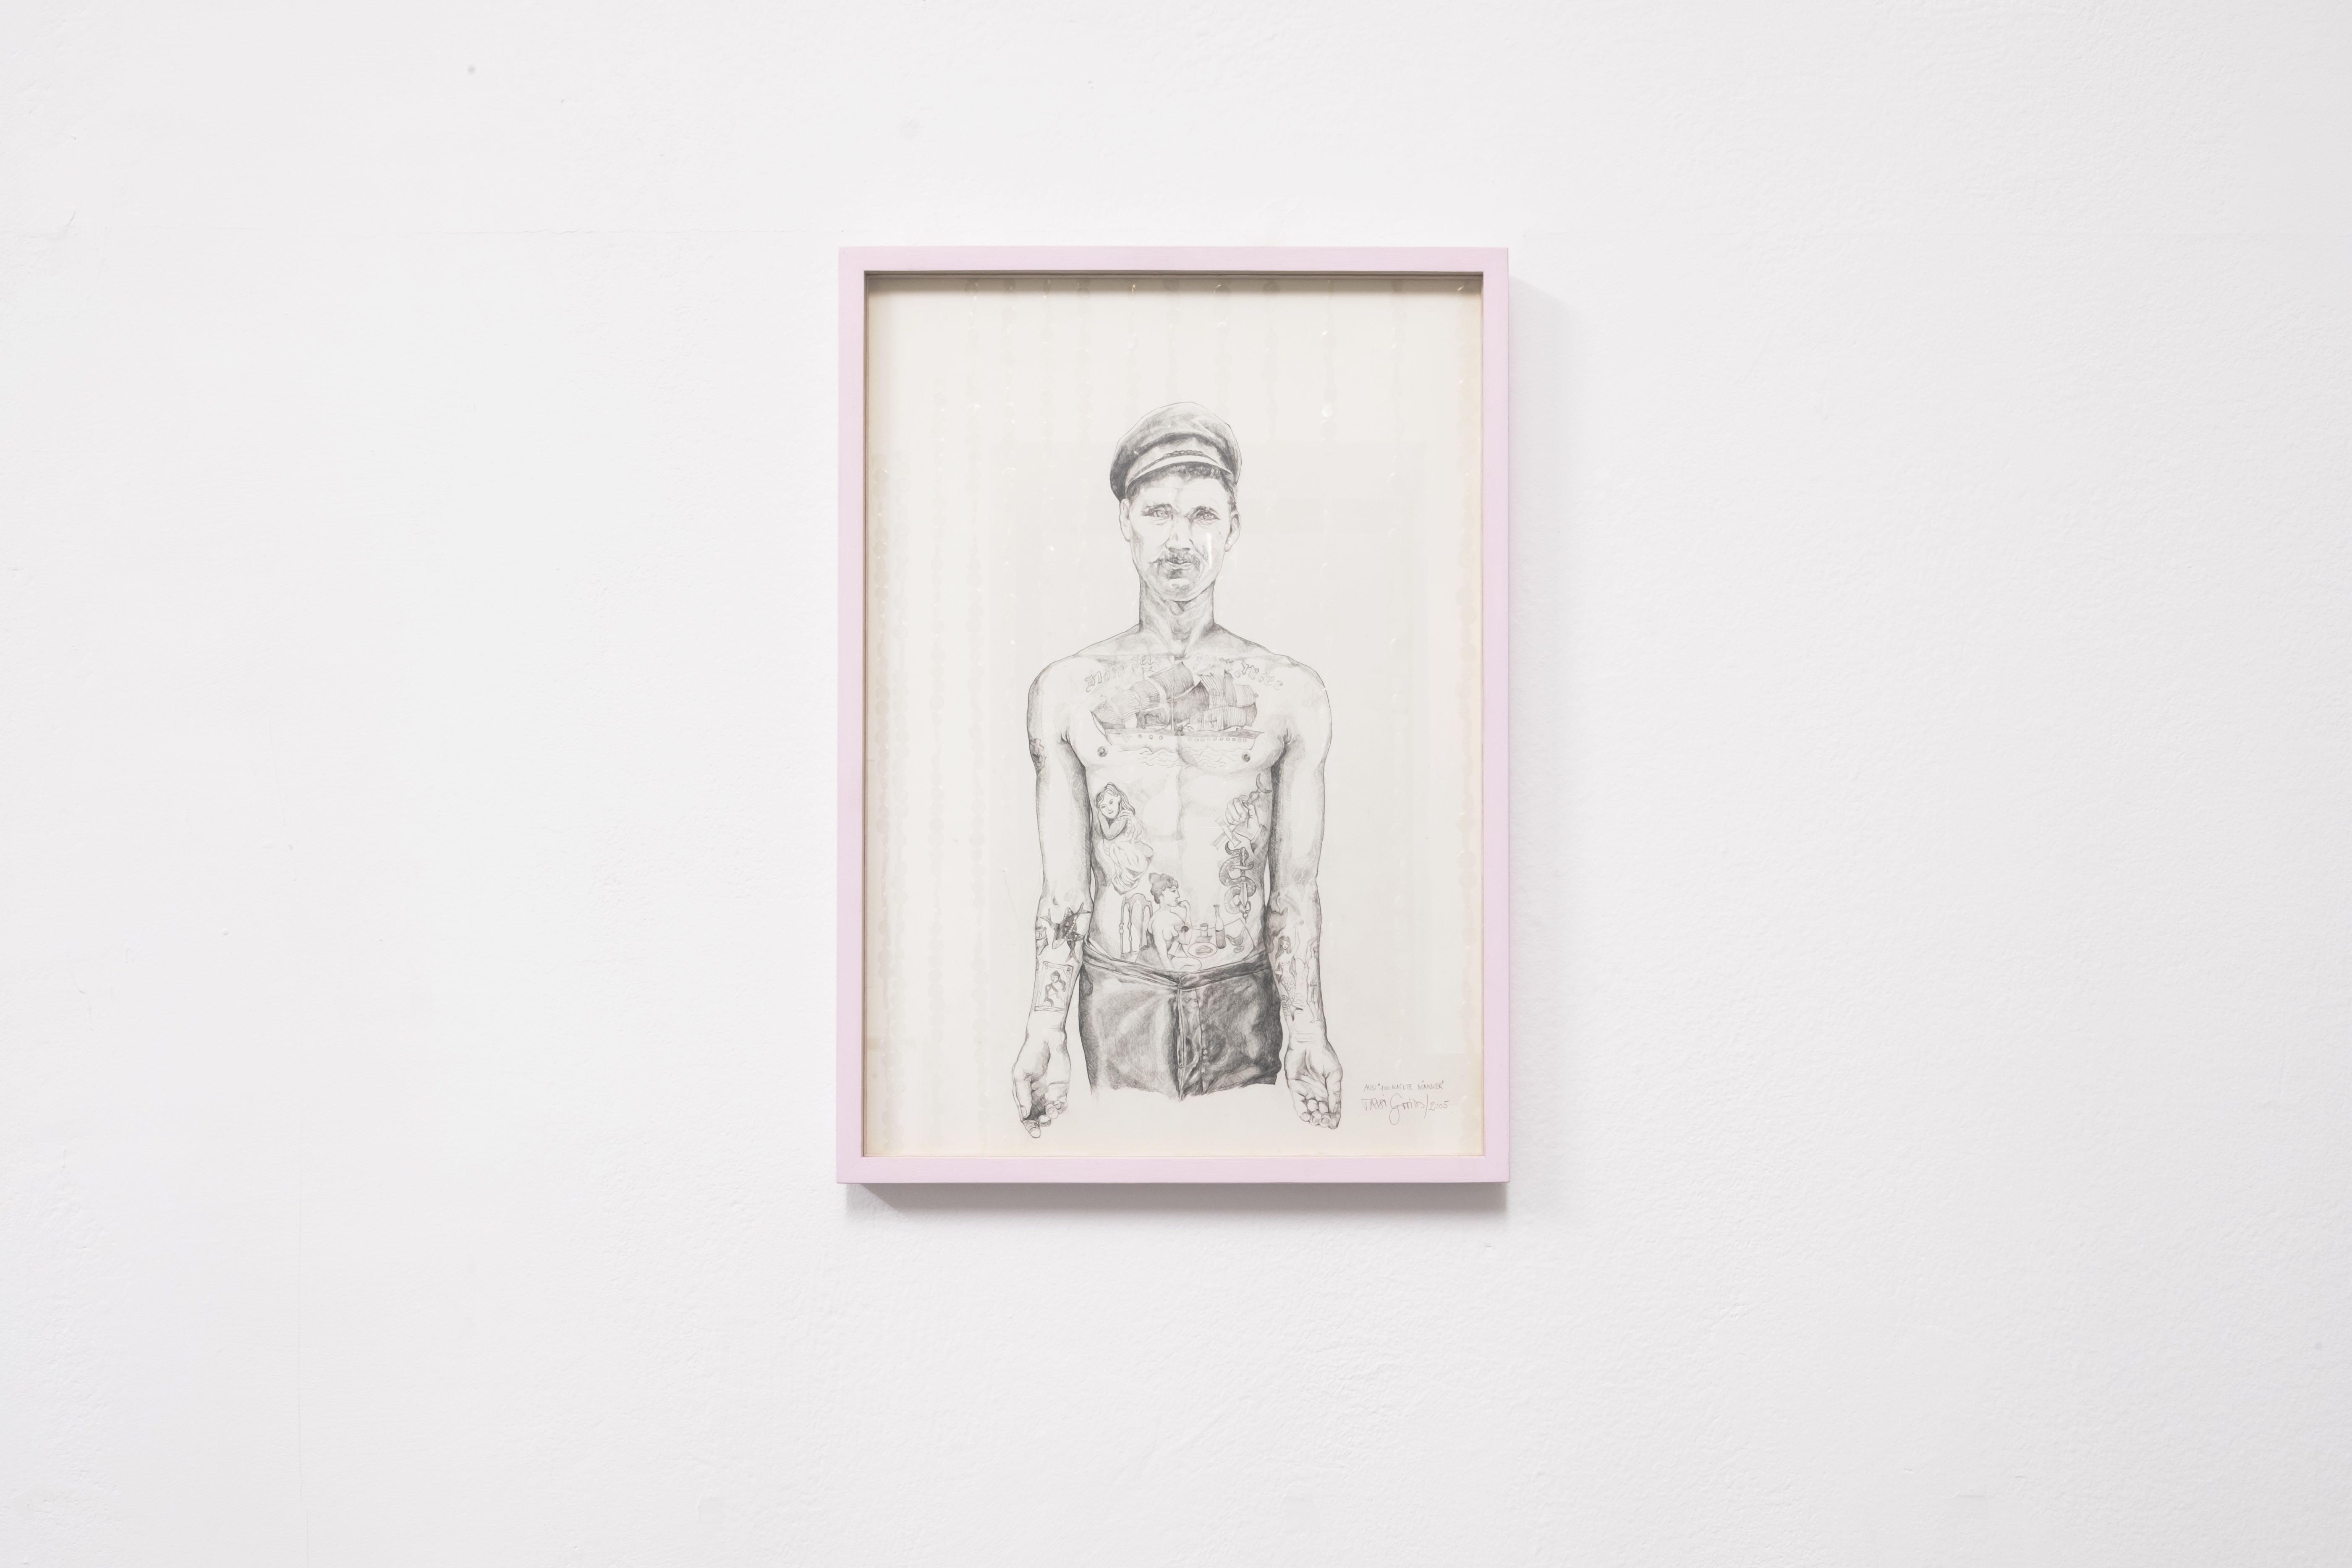 """Trixi Groiss, ohne Titel, aus der Serie """"100 nackte Männer"""", 2002–2006, Bleistift auf Papier, 42 x 29,7 cm"""